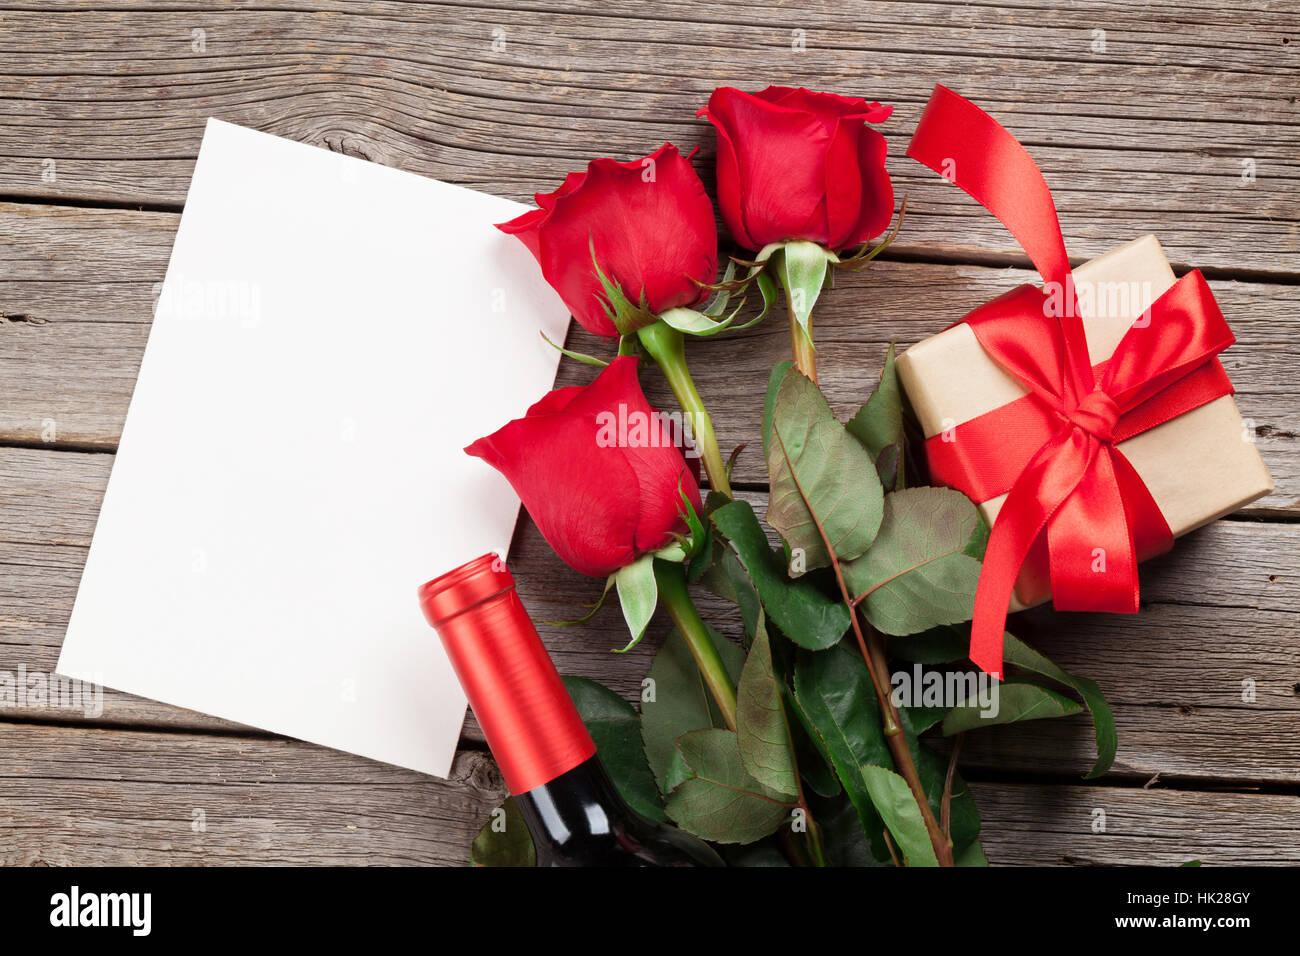 Valentinstag Grusskarte Rote Rosen Blumen Wein Und Geschenk Box Auf